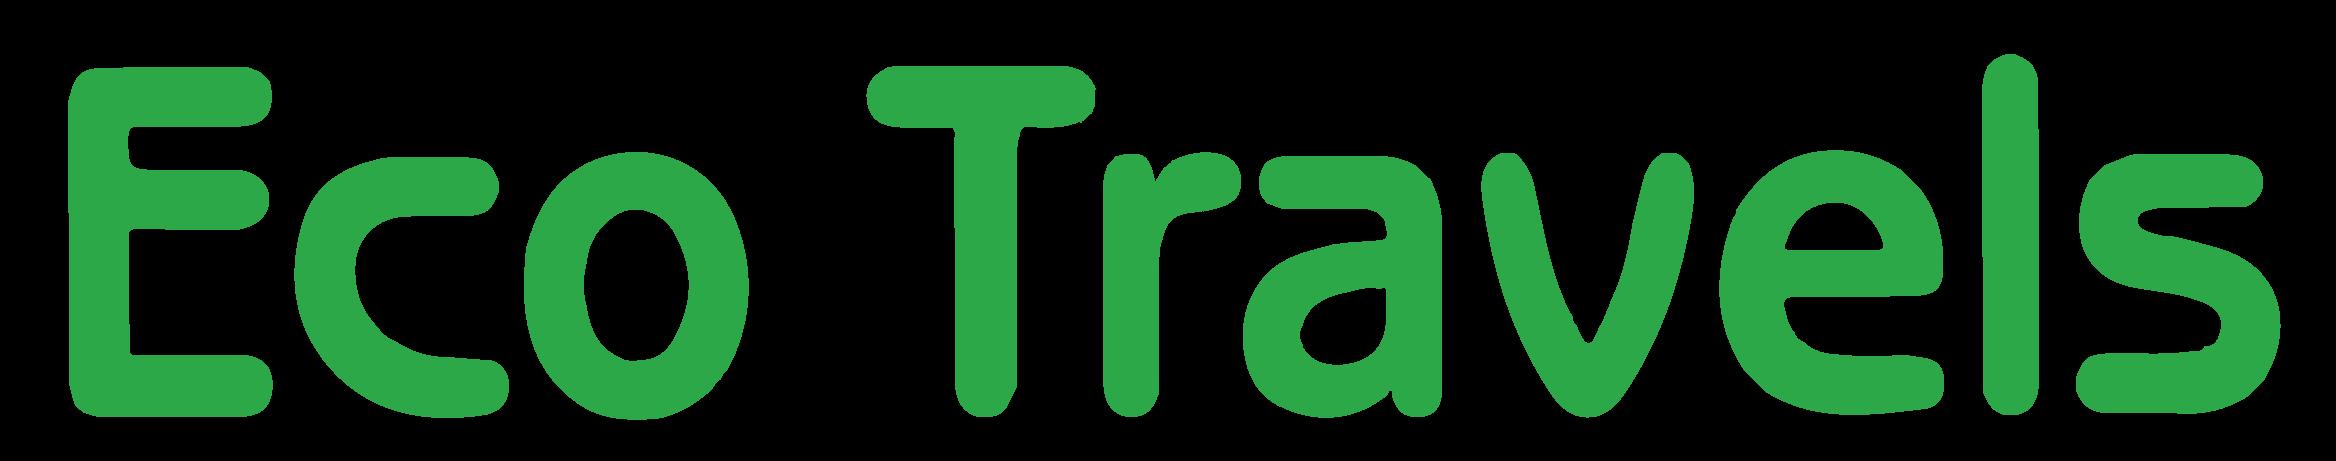 Ecotravels